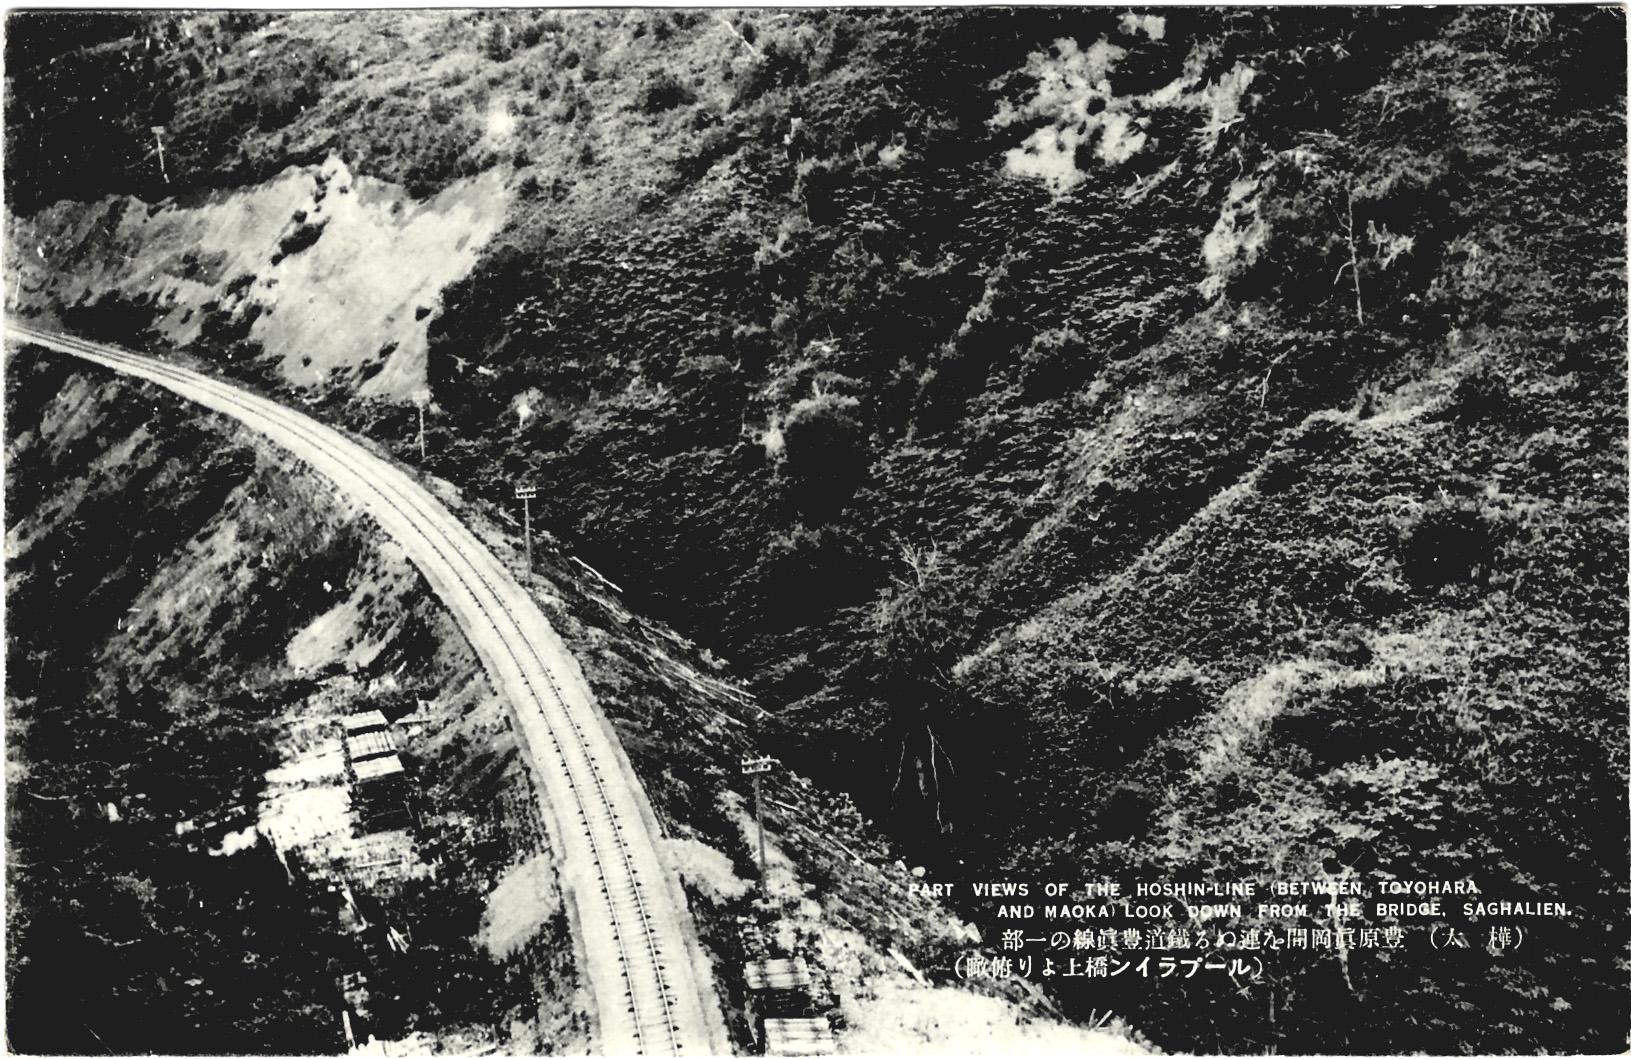 Часть железной дороги Тойохара-Маока. Фото сделано с моста.